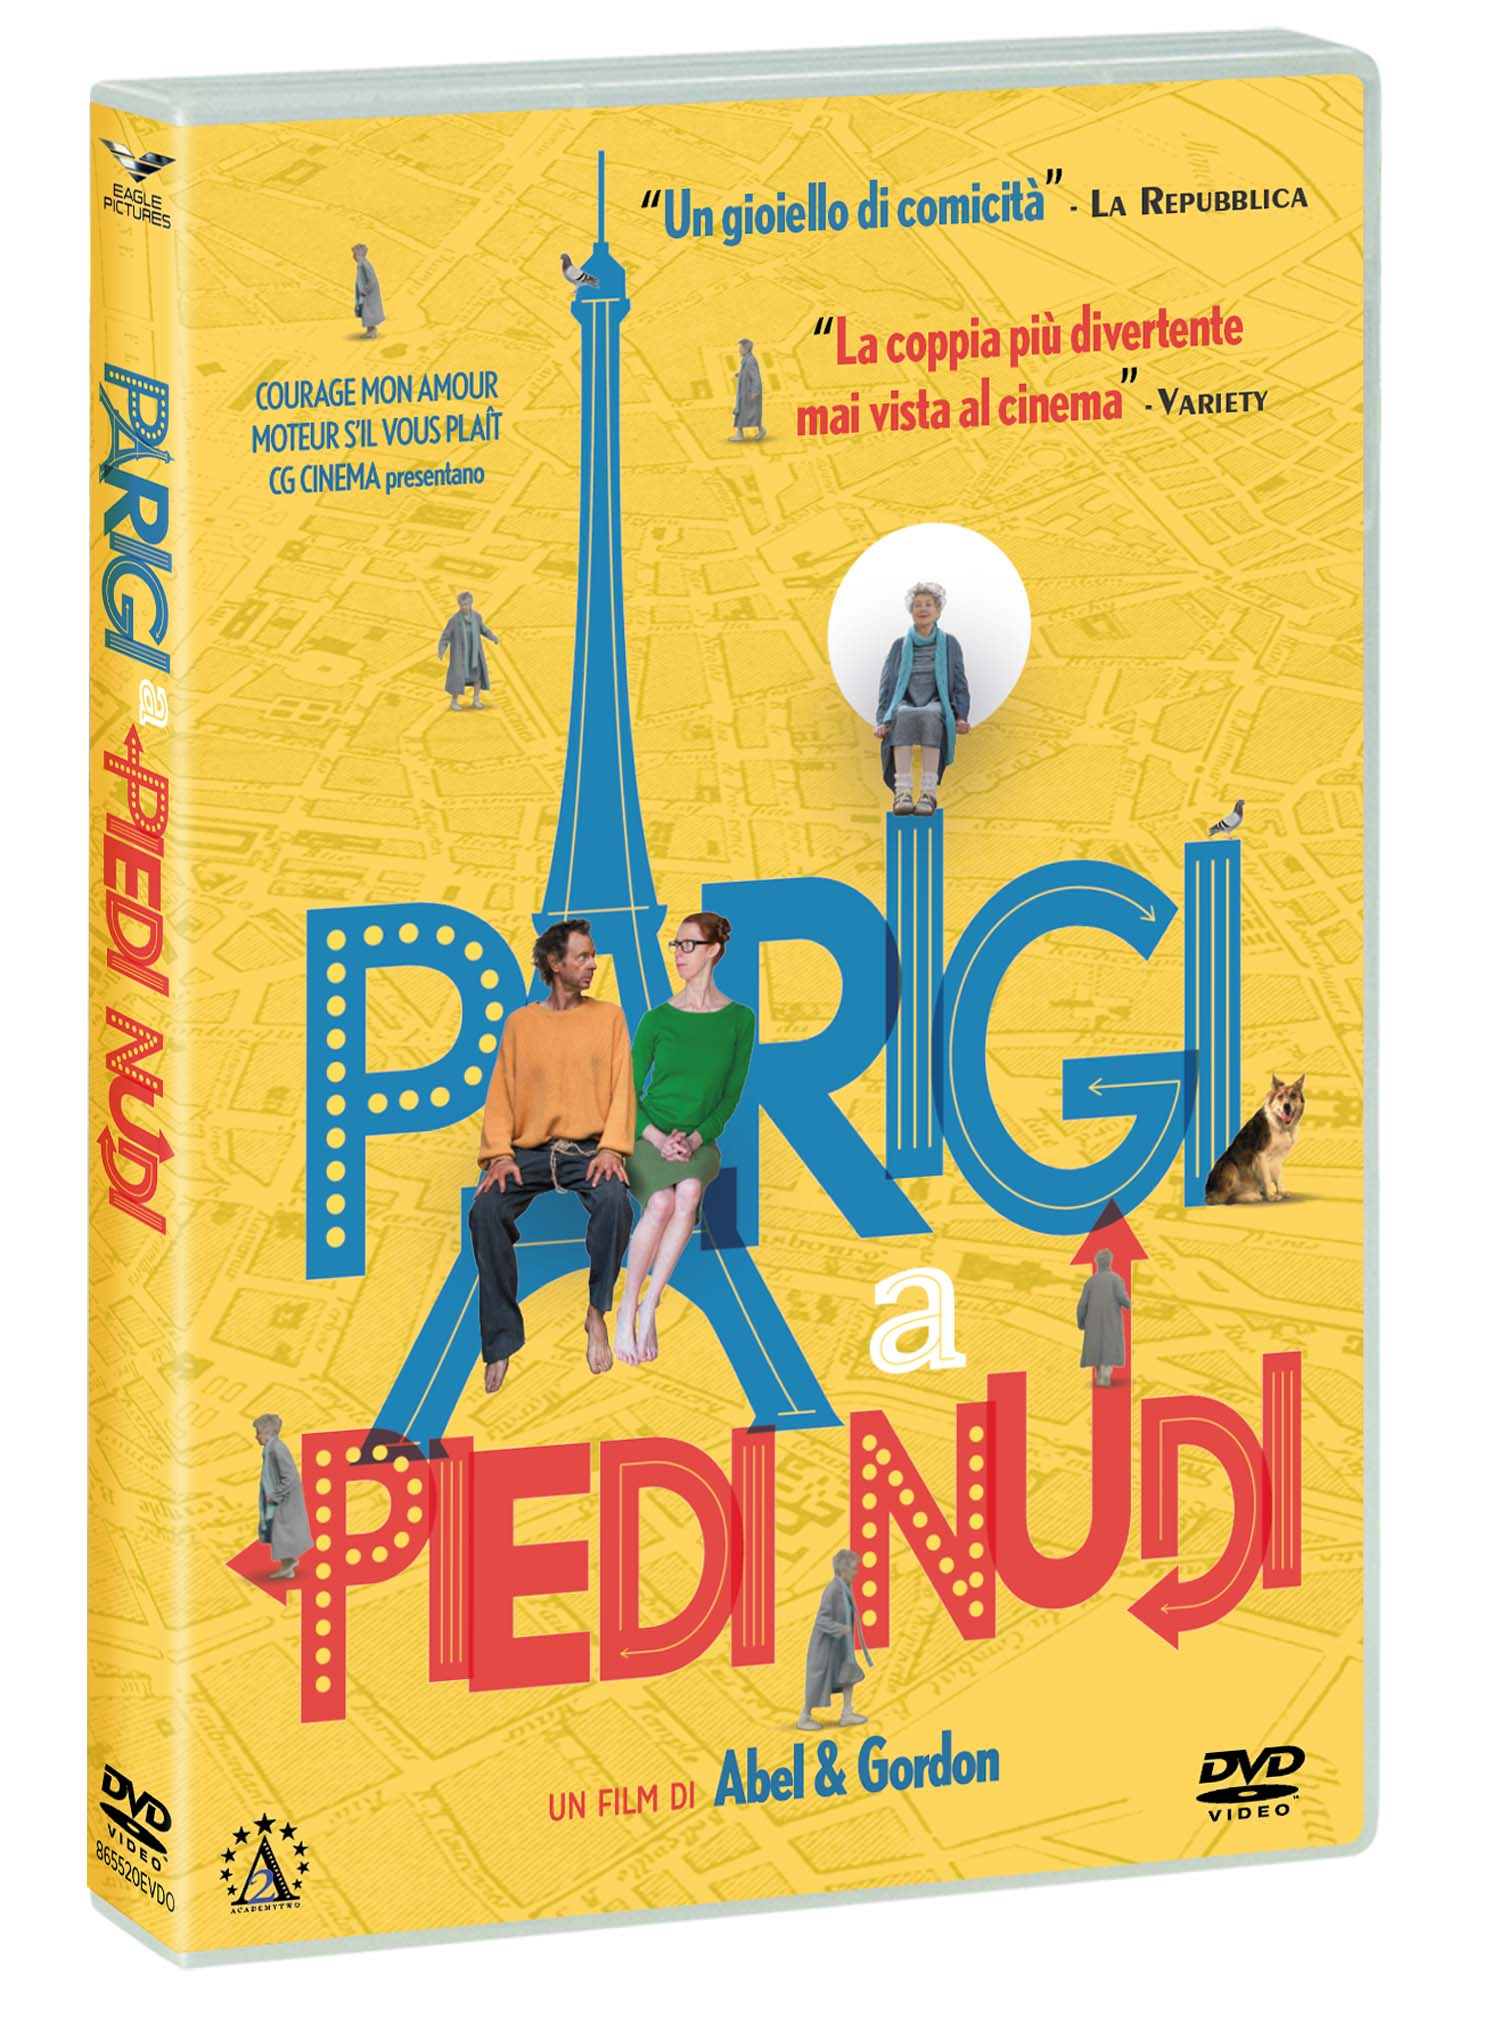 PARIGI A PIEDI NUDI (DVD)